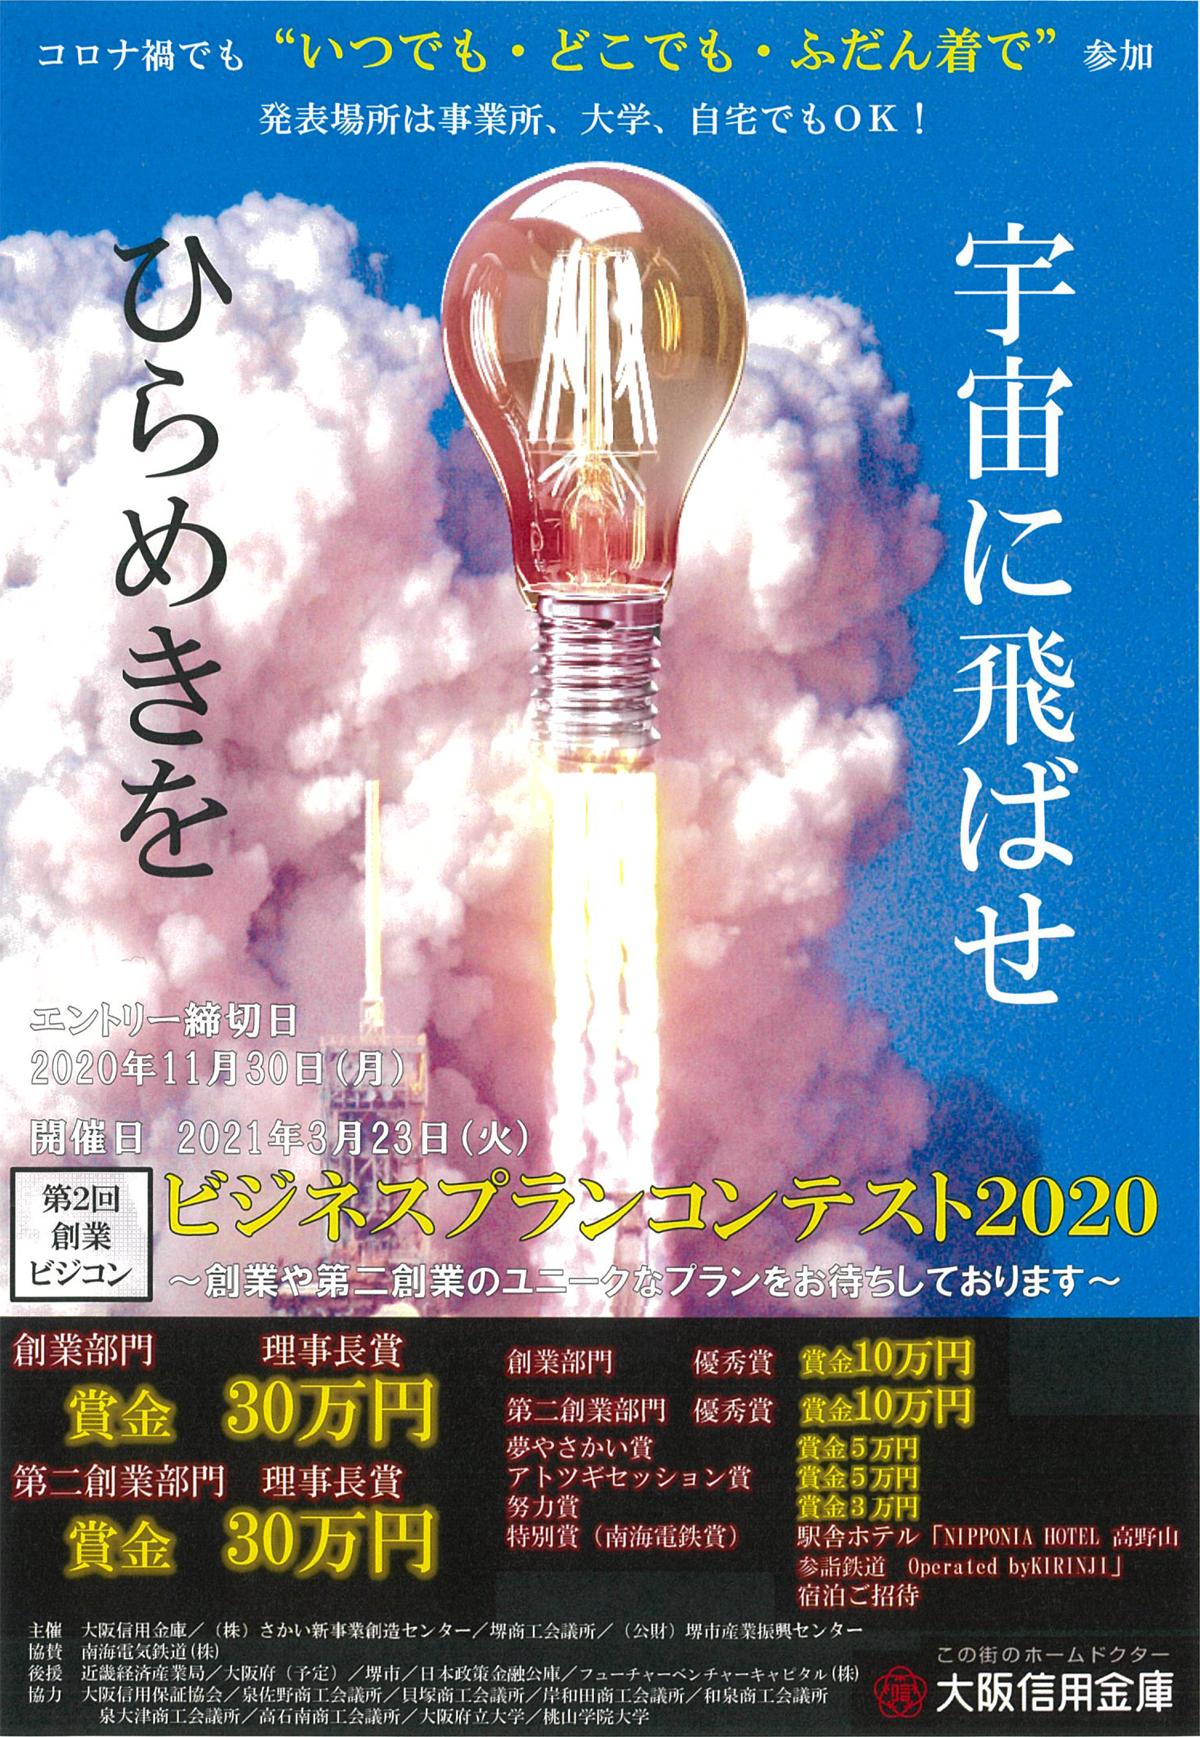 大阪信用金庫主催「第2回創業ビジコン」の ビジネスプラン募集開始: